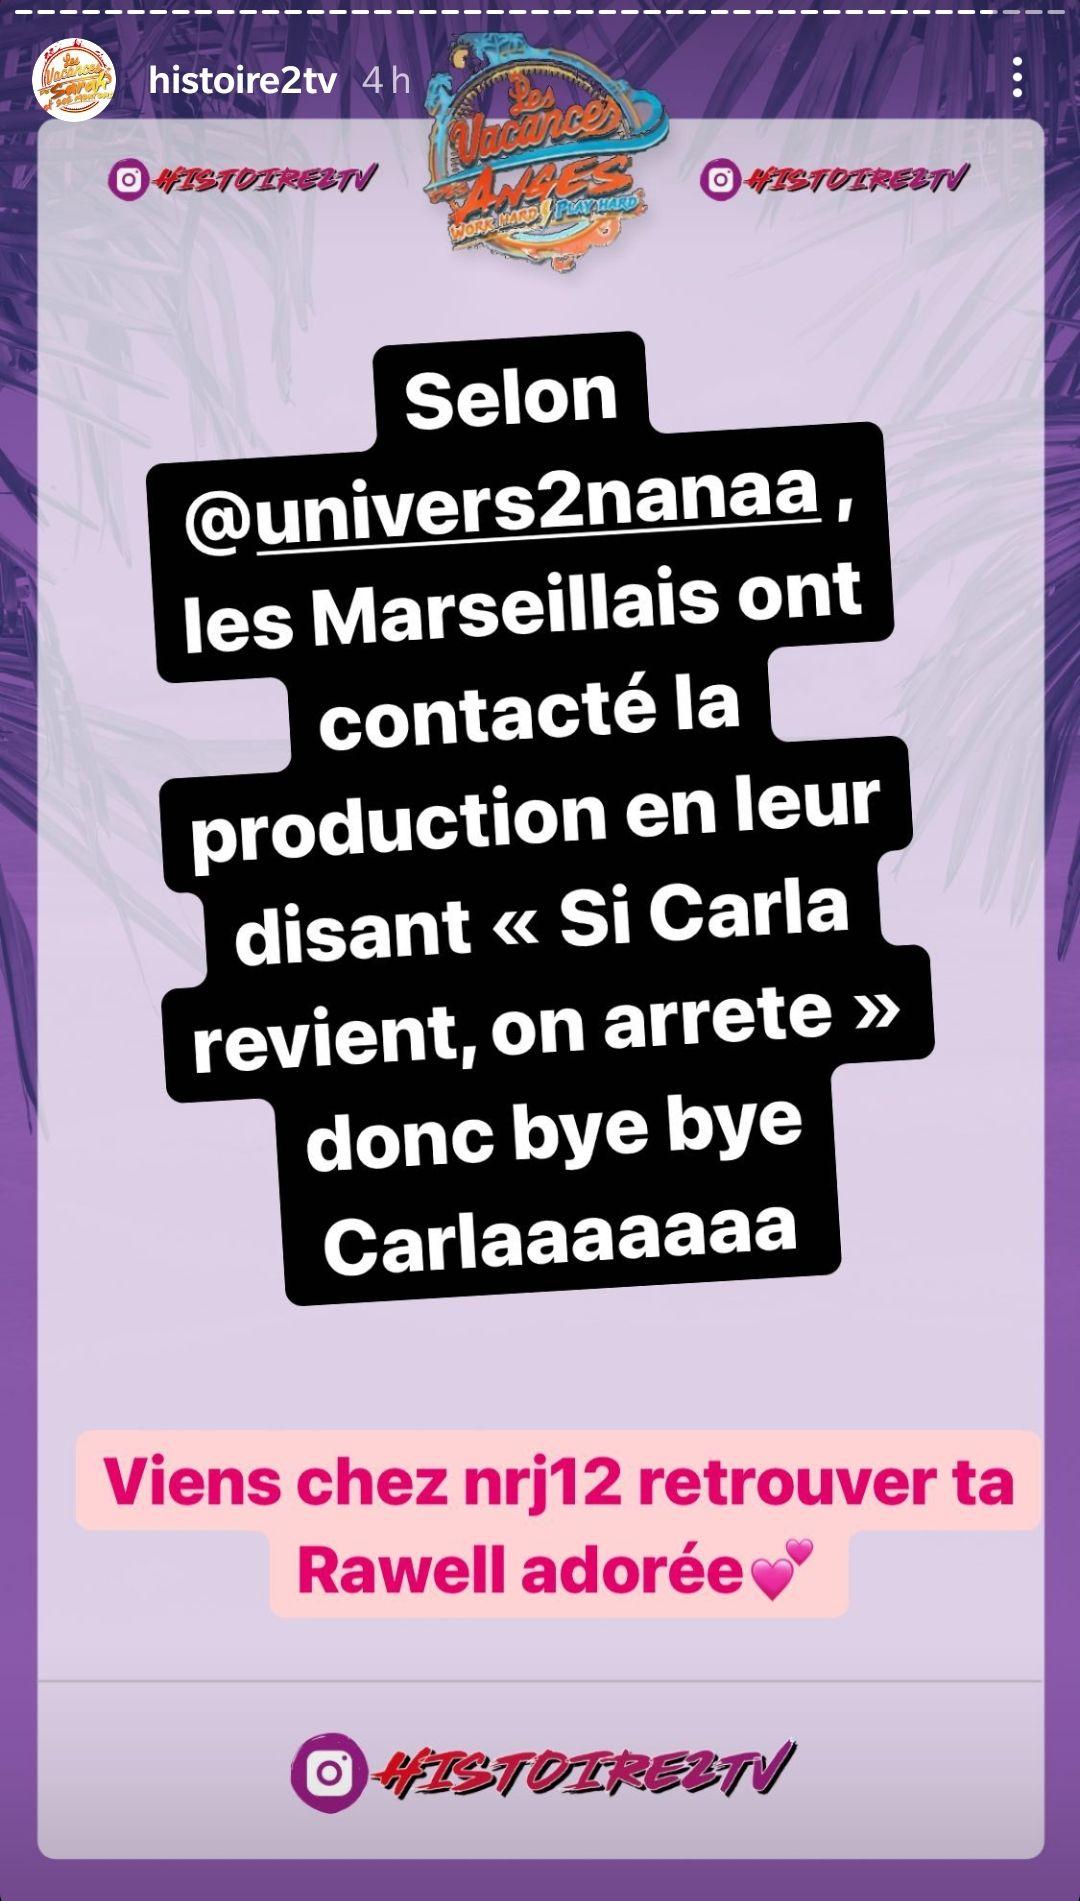 Carla Moreau utilise-t-elle la sorcellerie contre les Marseillais ? Marc Balata balance les preuves